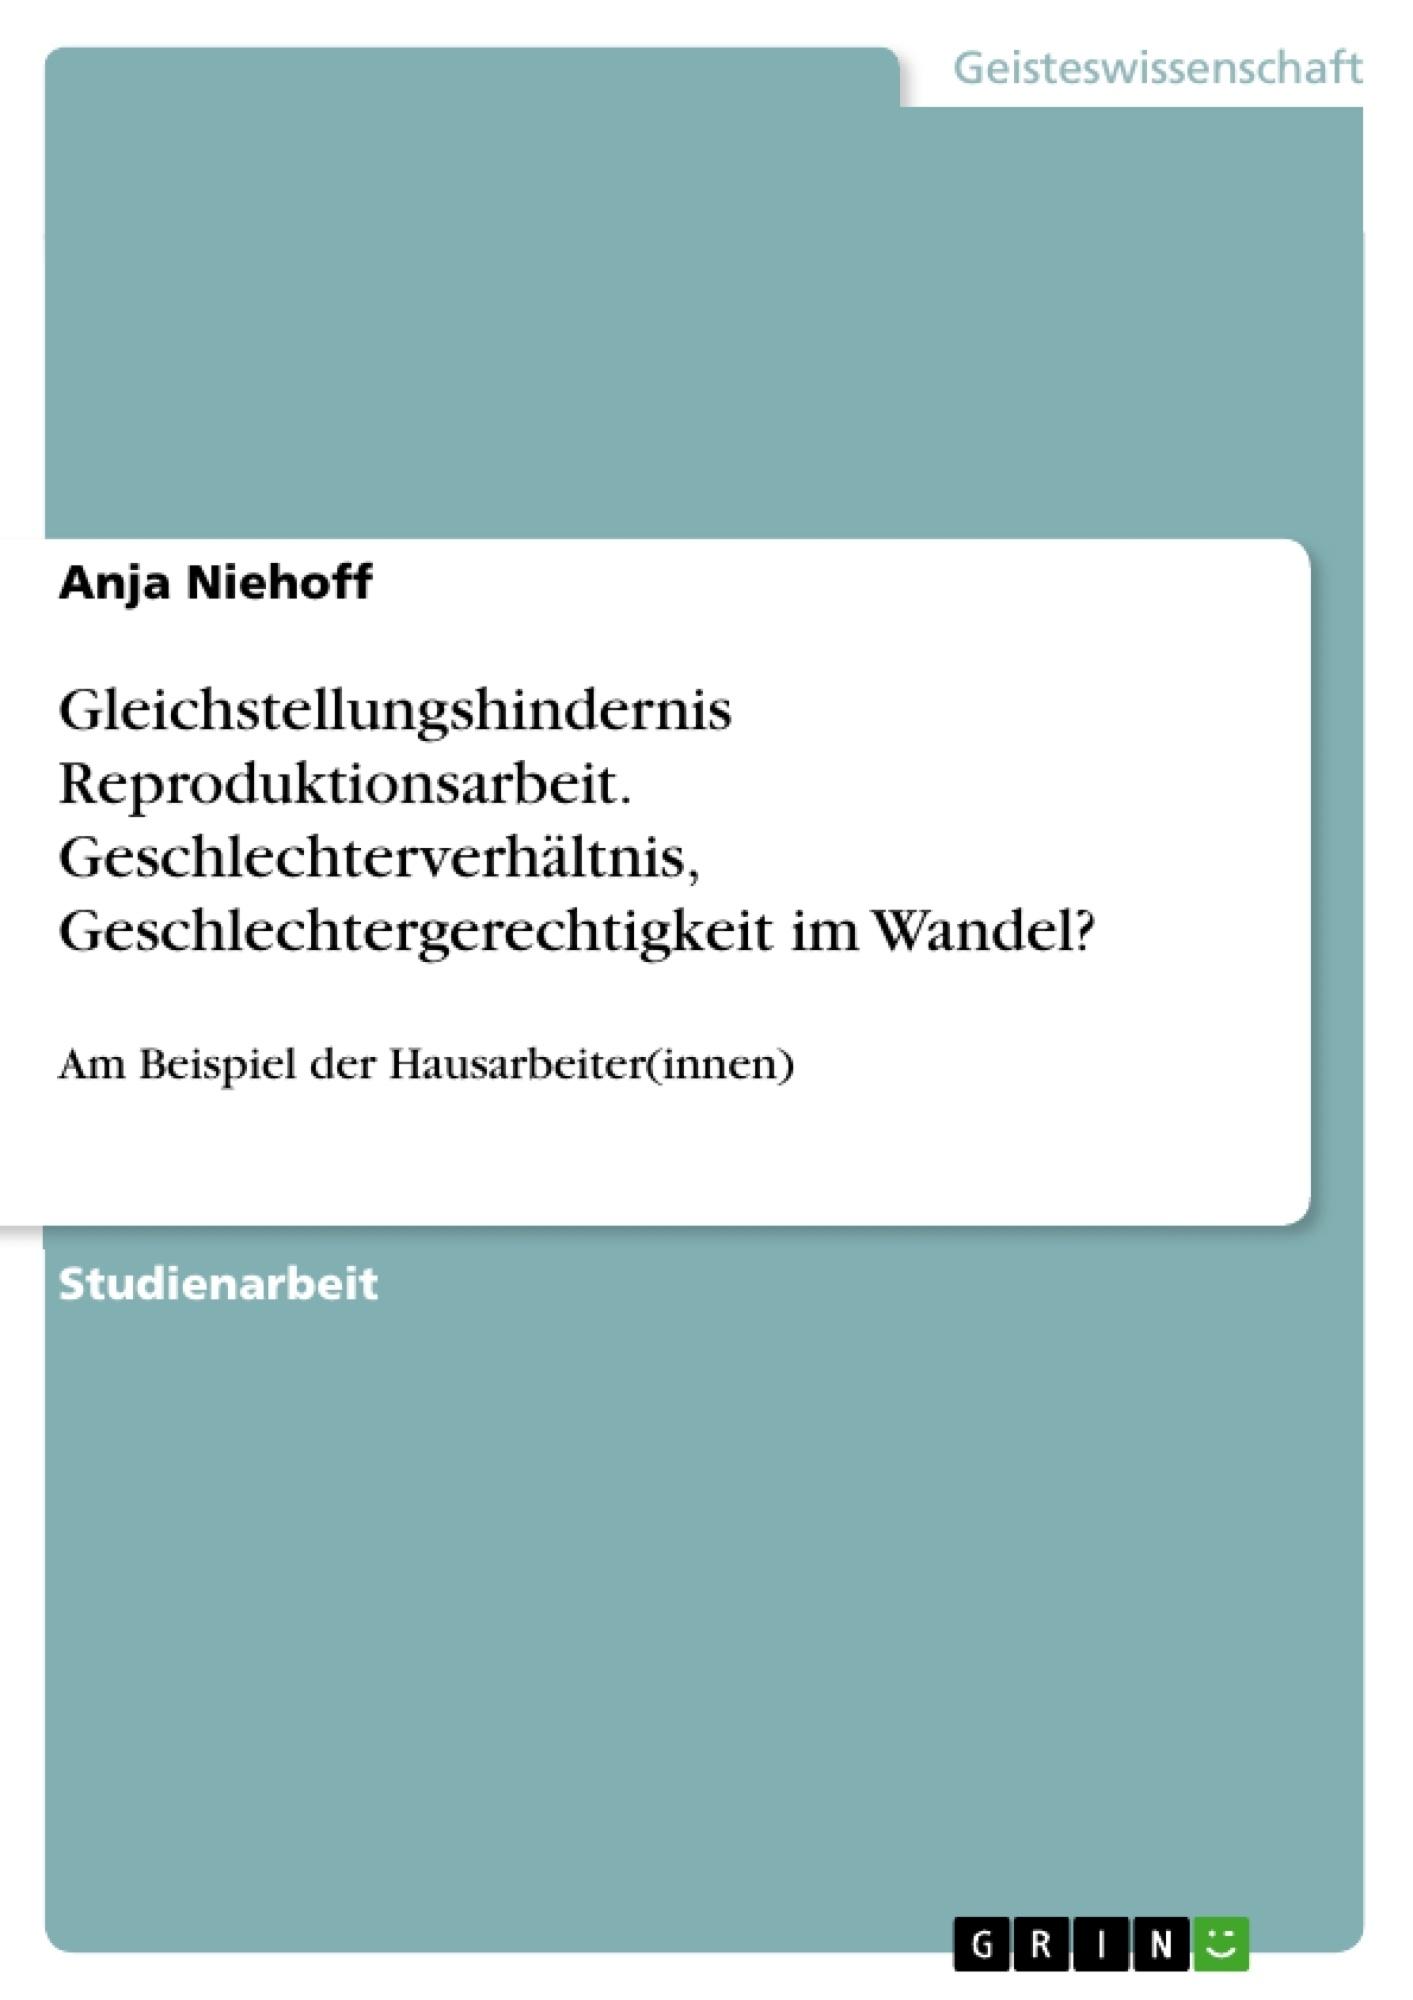 Titel: Gleichstellungshindernis Reproduktionsarbeit. Geschlechterverhältnis, Geschlechtergerechtigkeit im Wandel?